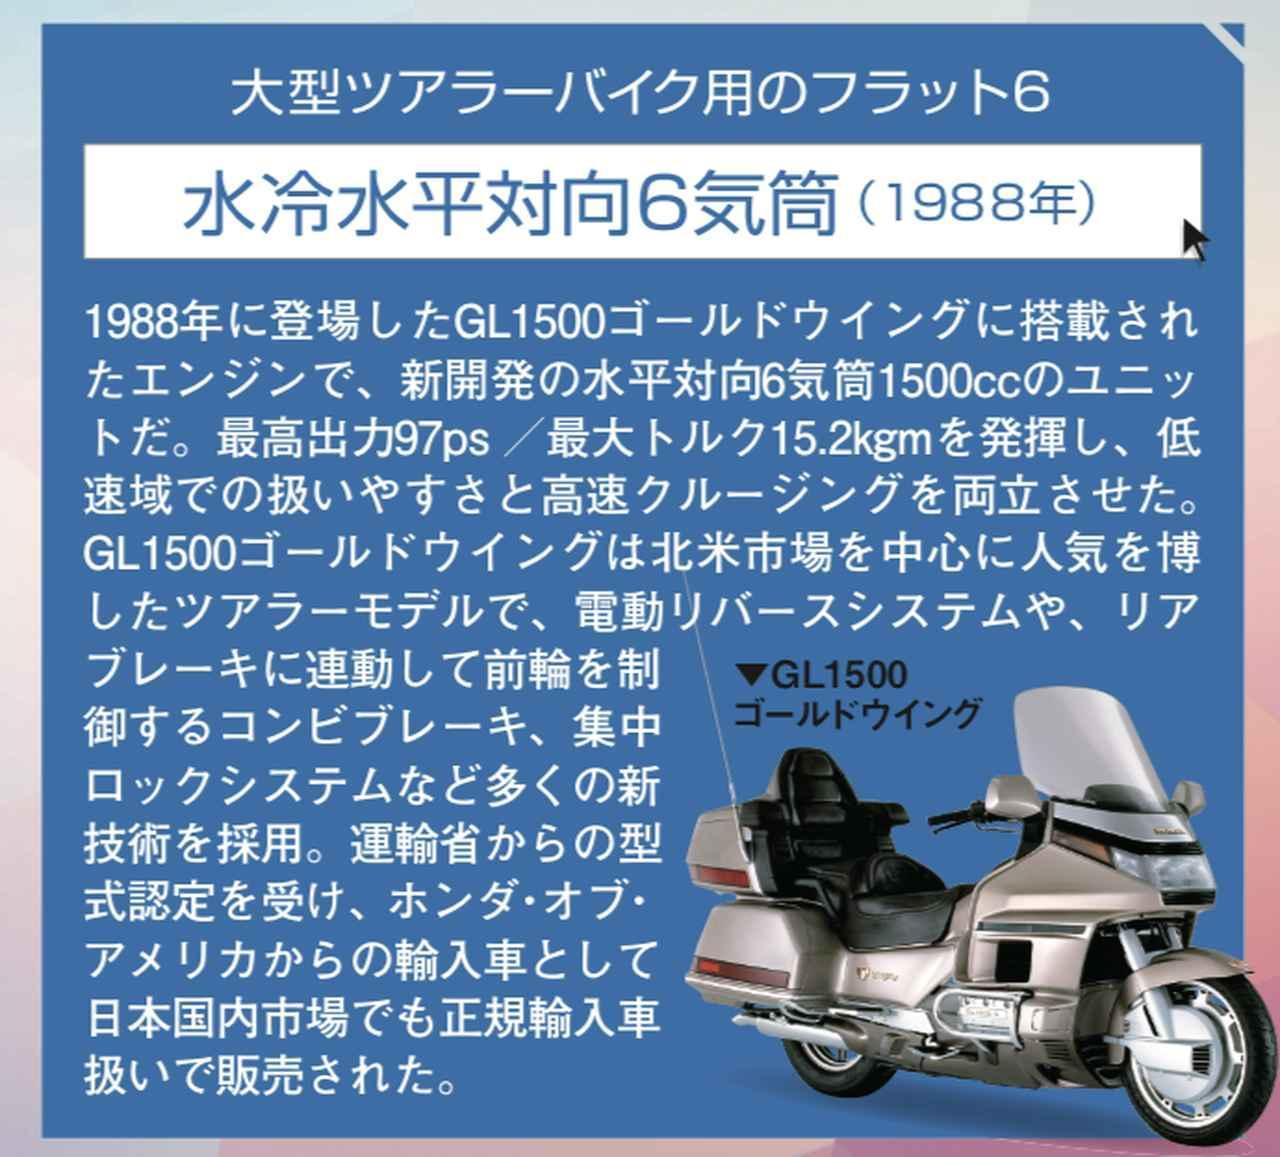 画像2: 世界一贅沢なバイクはHONDAが作った?【HONDAが初めて成し遂げたこと!Vol.5】